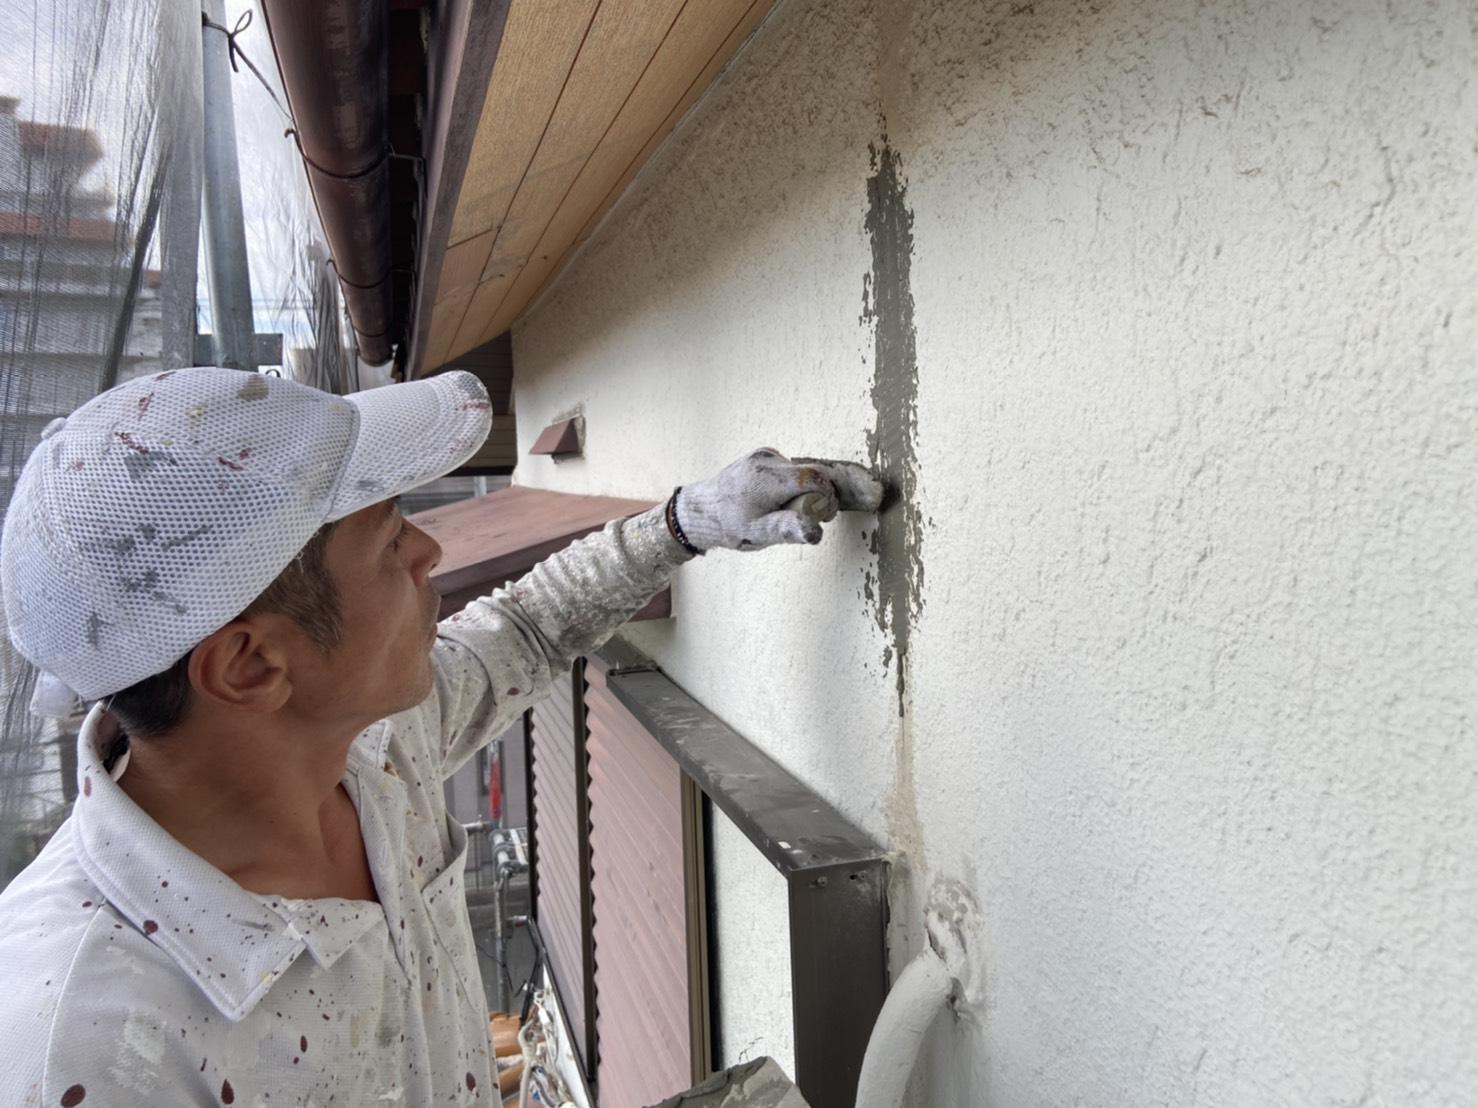 茨木・高槻の外壁塗装YJリフォーム外壁下地補修@吹田市山田